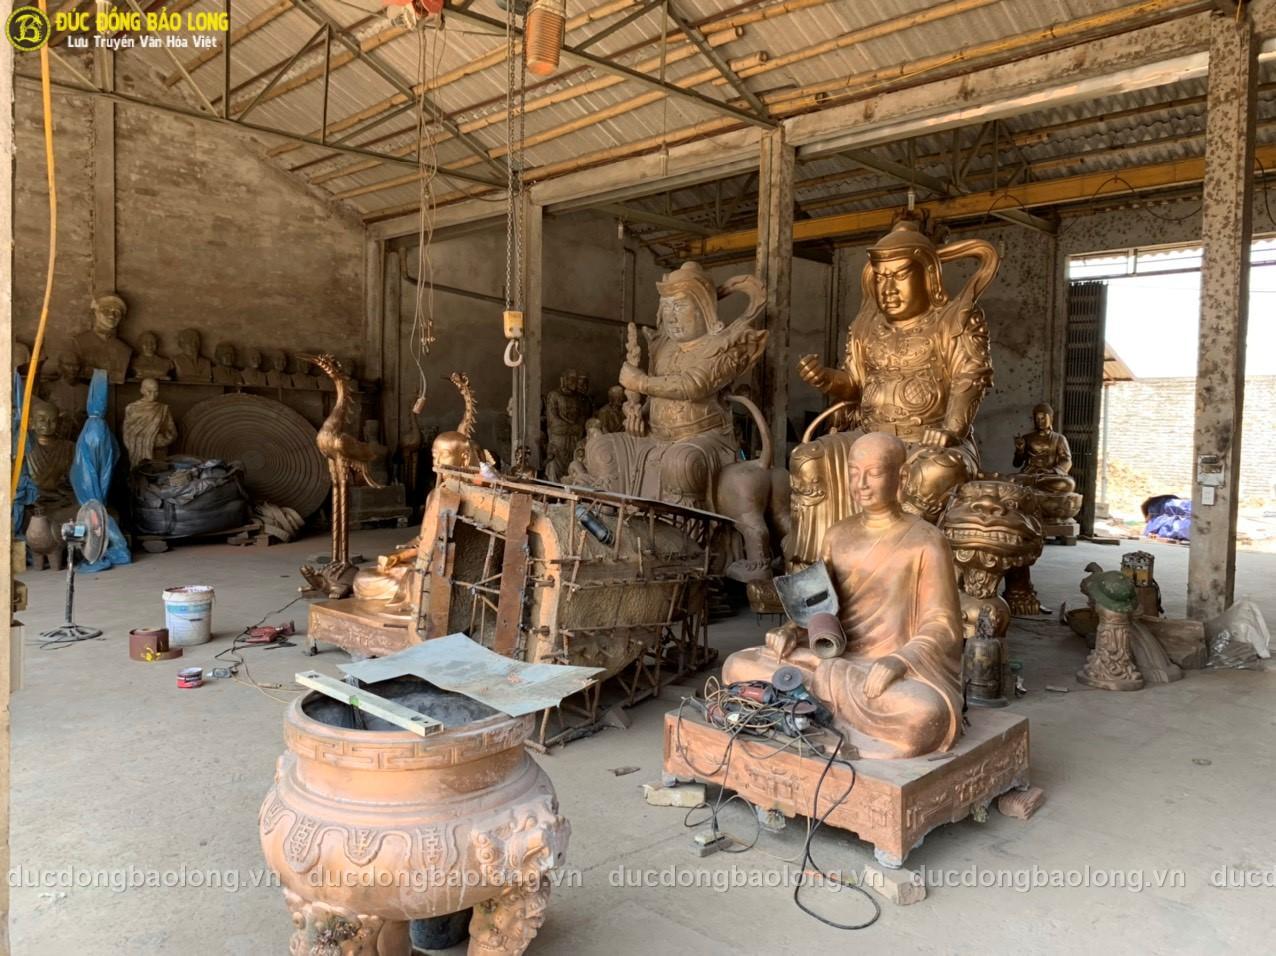 Đúc tượng Phật bằng đồng tại Lai Châu chất lượng